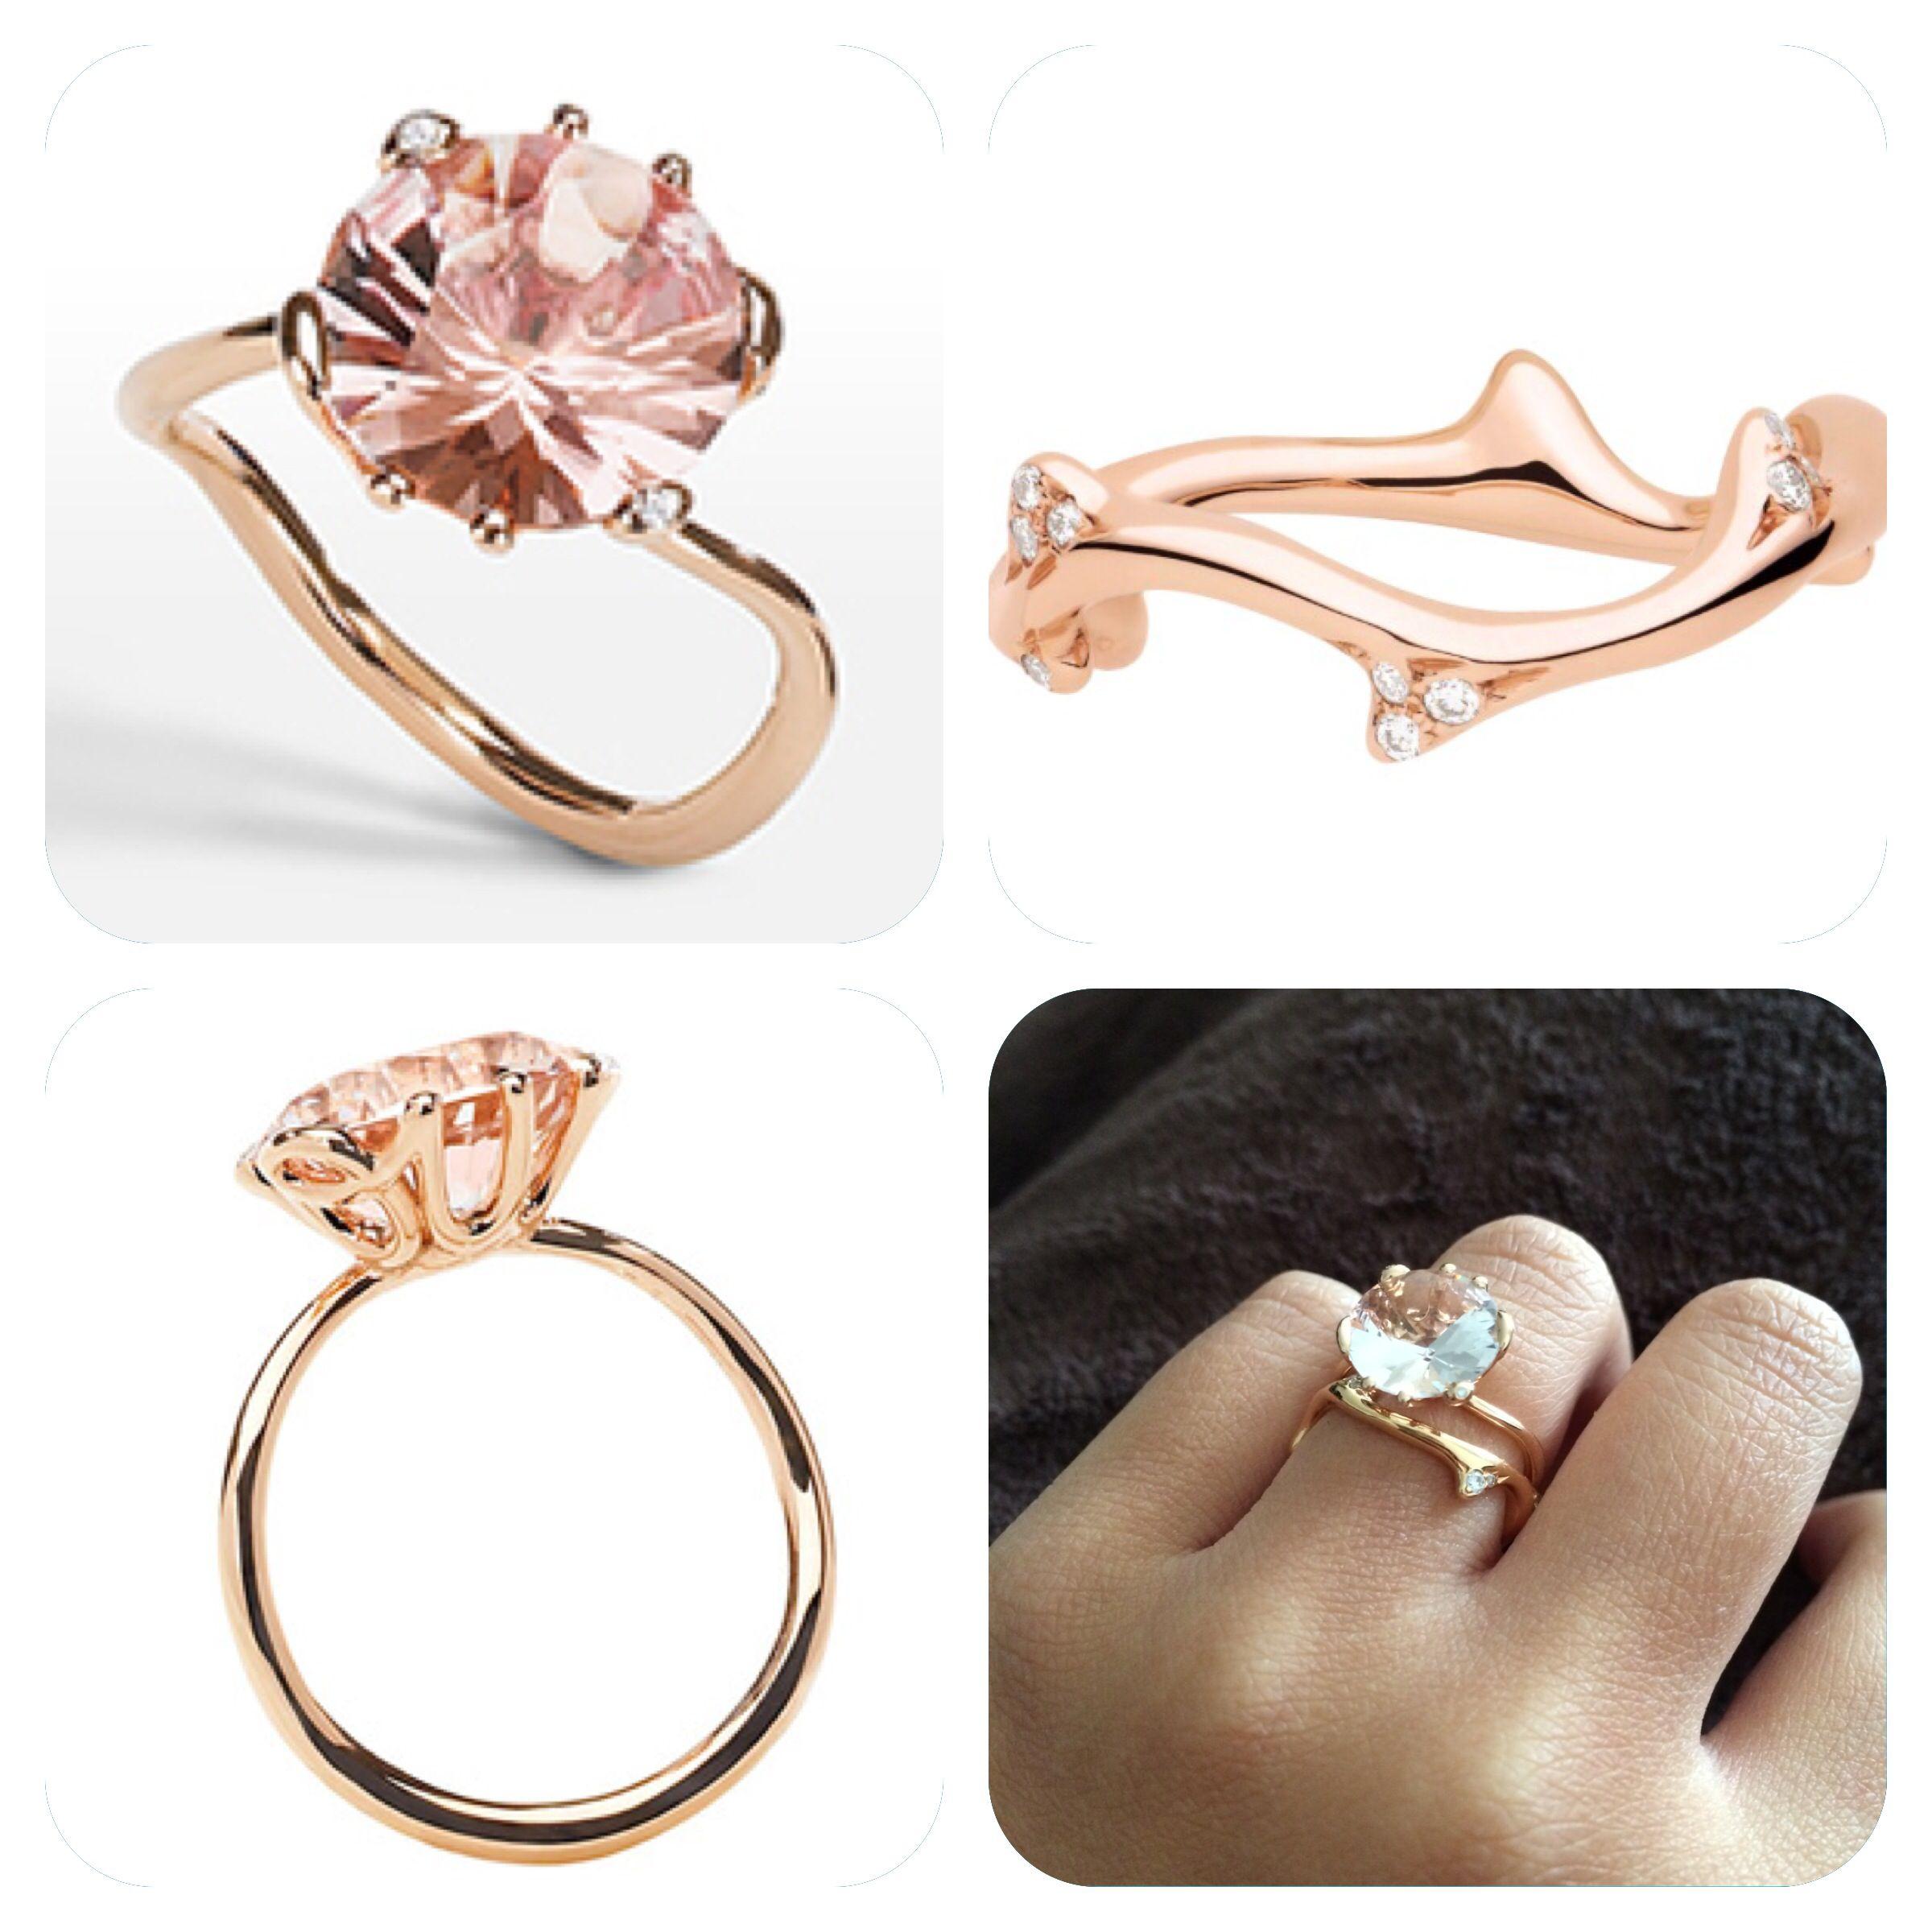 Engagement Wedding Ring Ring Oui Dior Morganite Pink Gold Ring